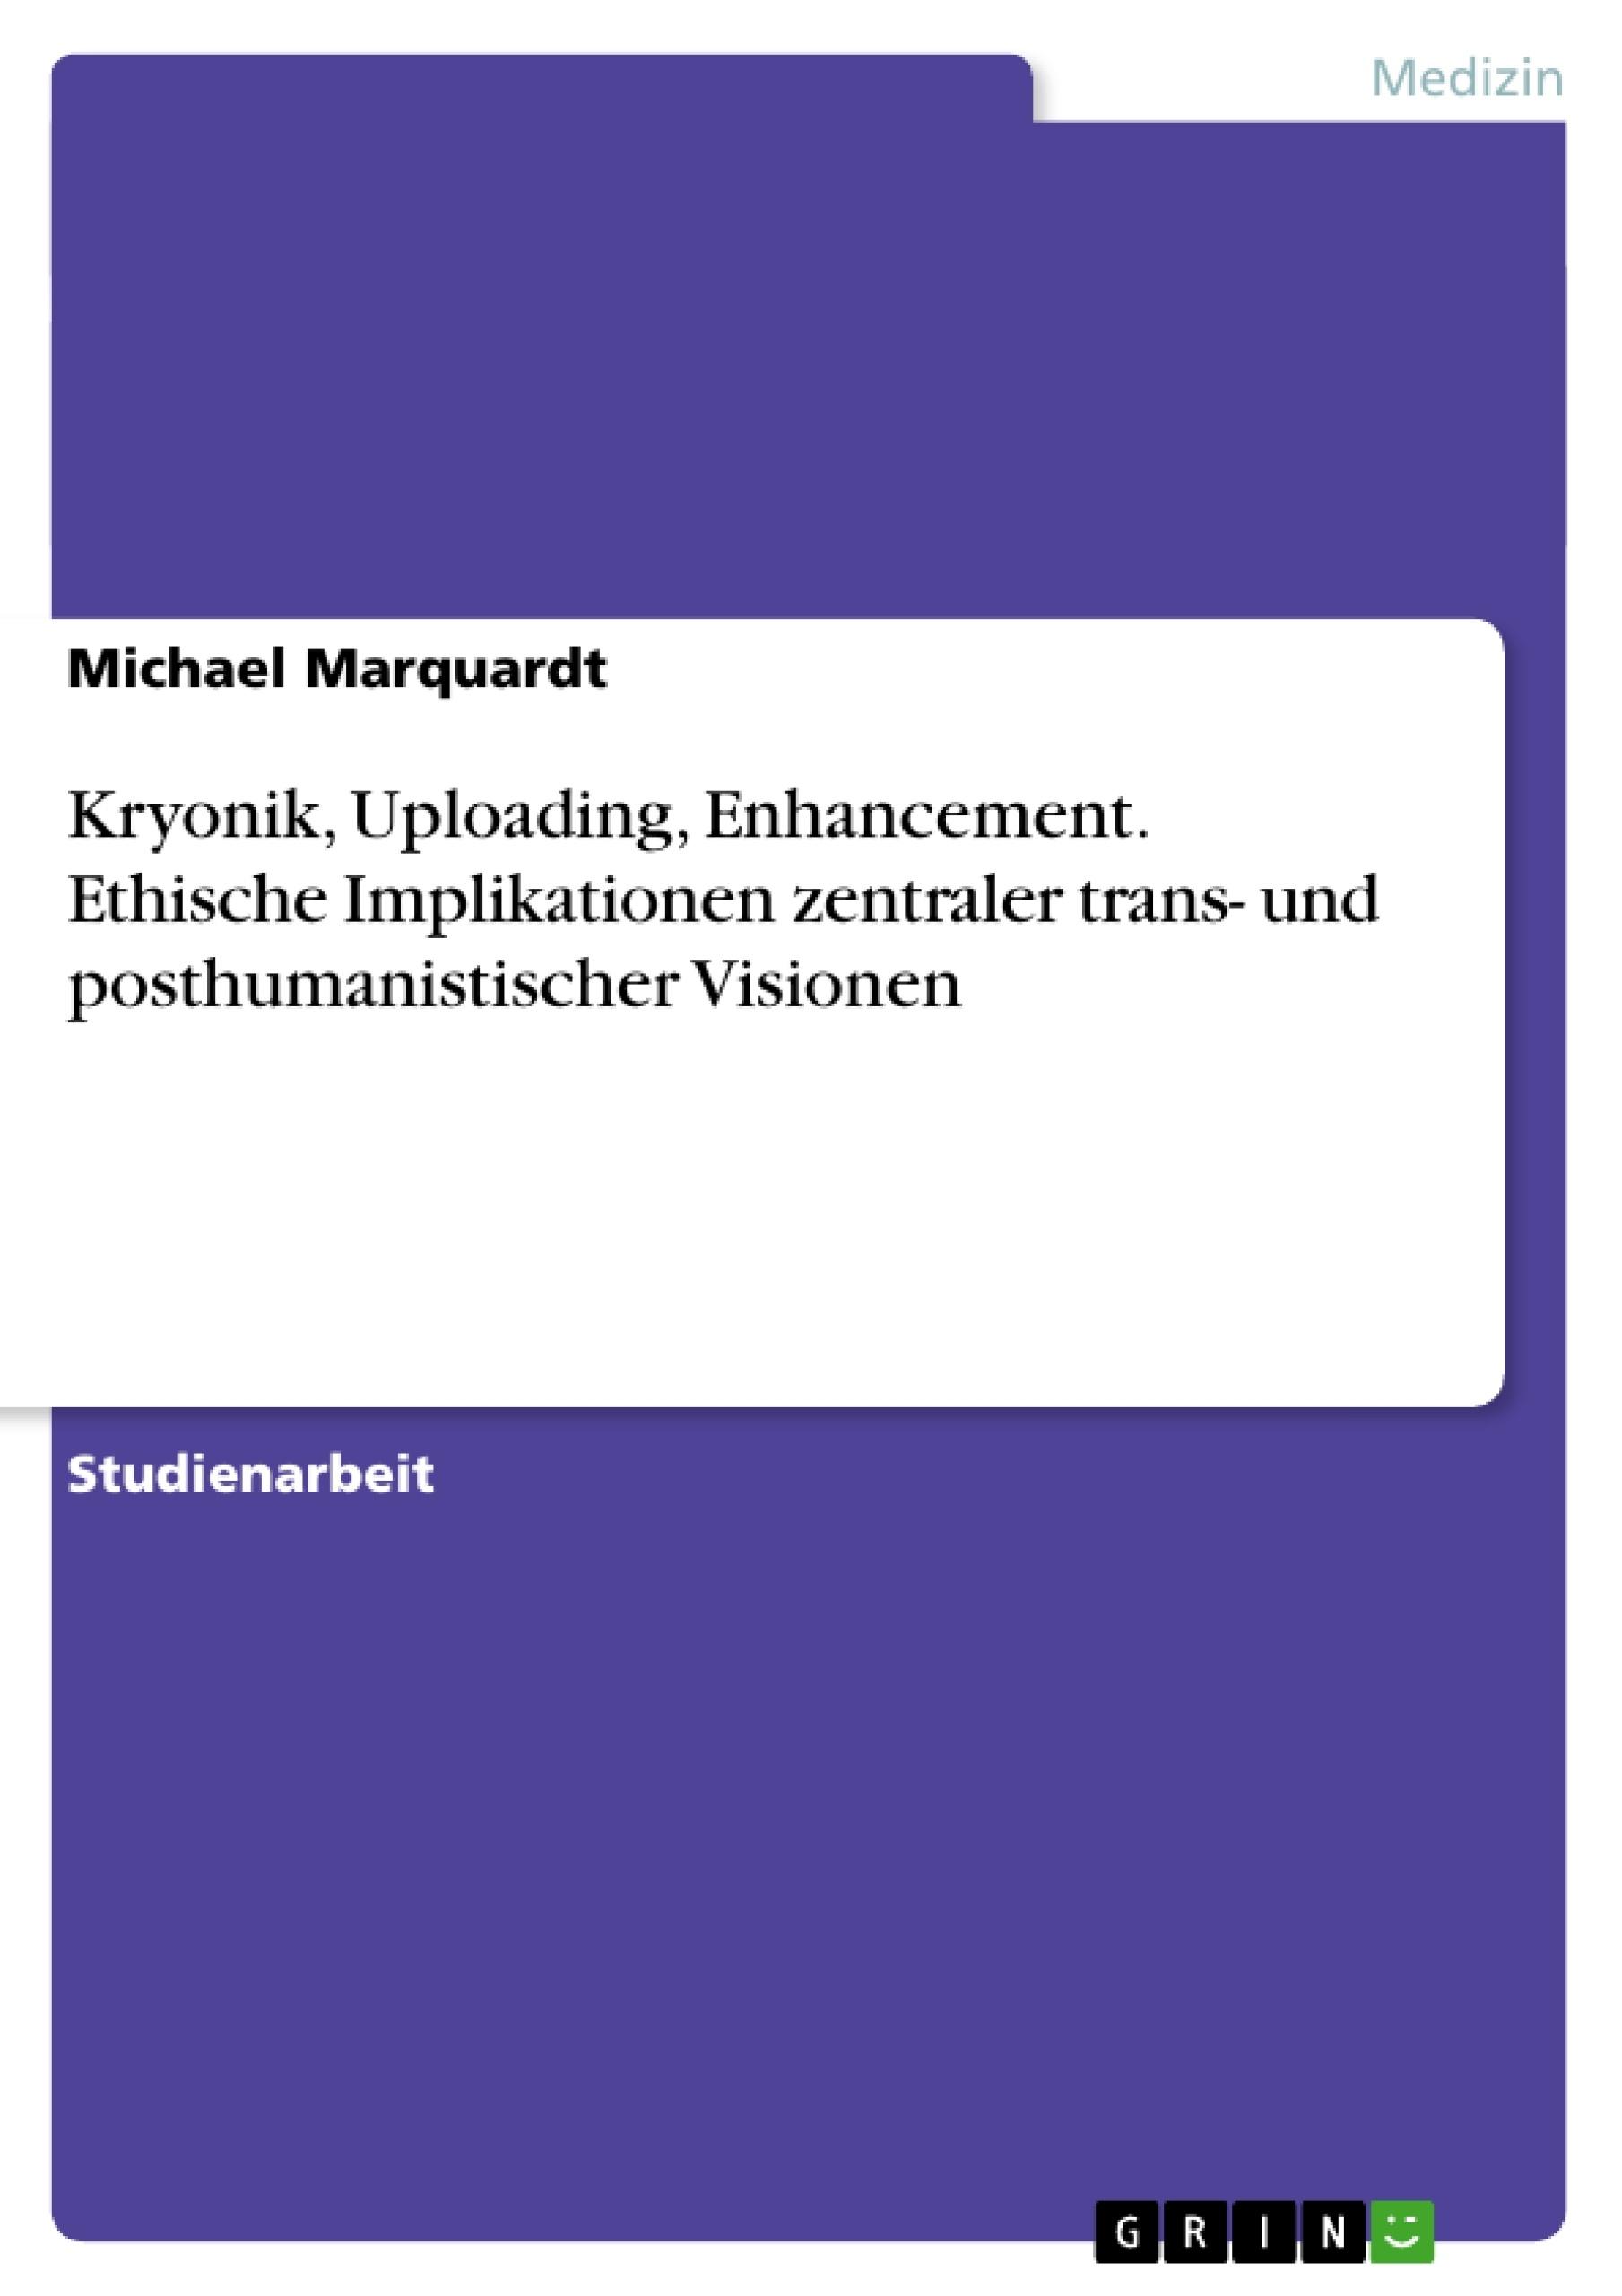 Titel: Kryonik, Uploading, Enhancement. Ethische Implikationen zentraler trans- und posthumanistischer Visionen